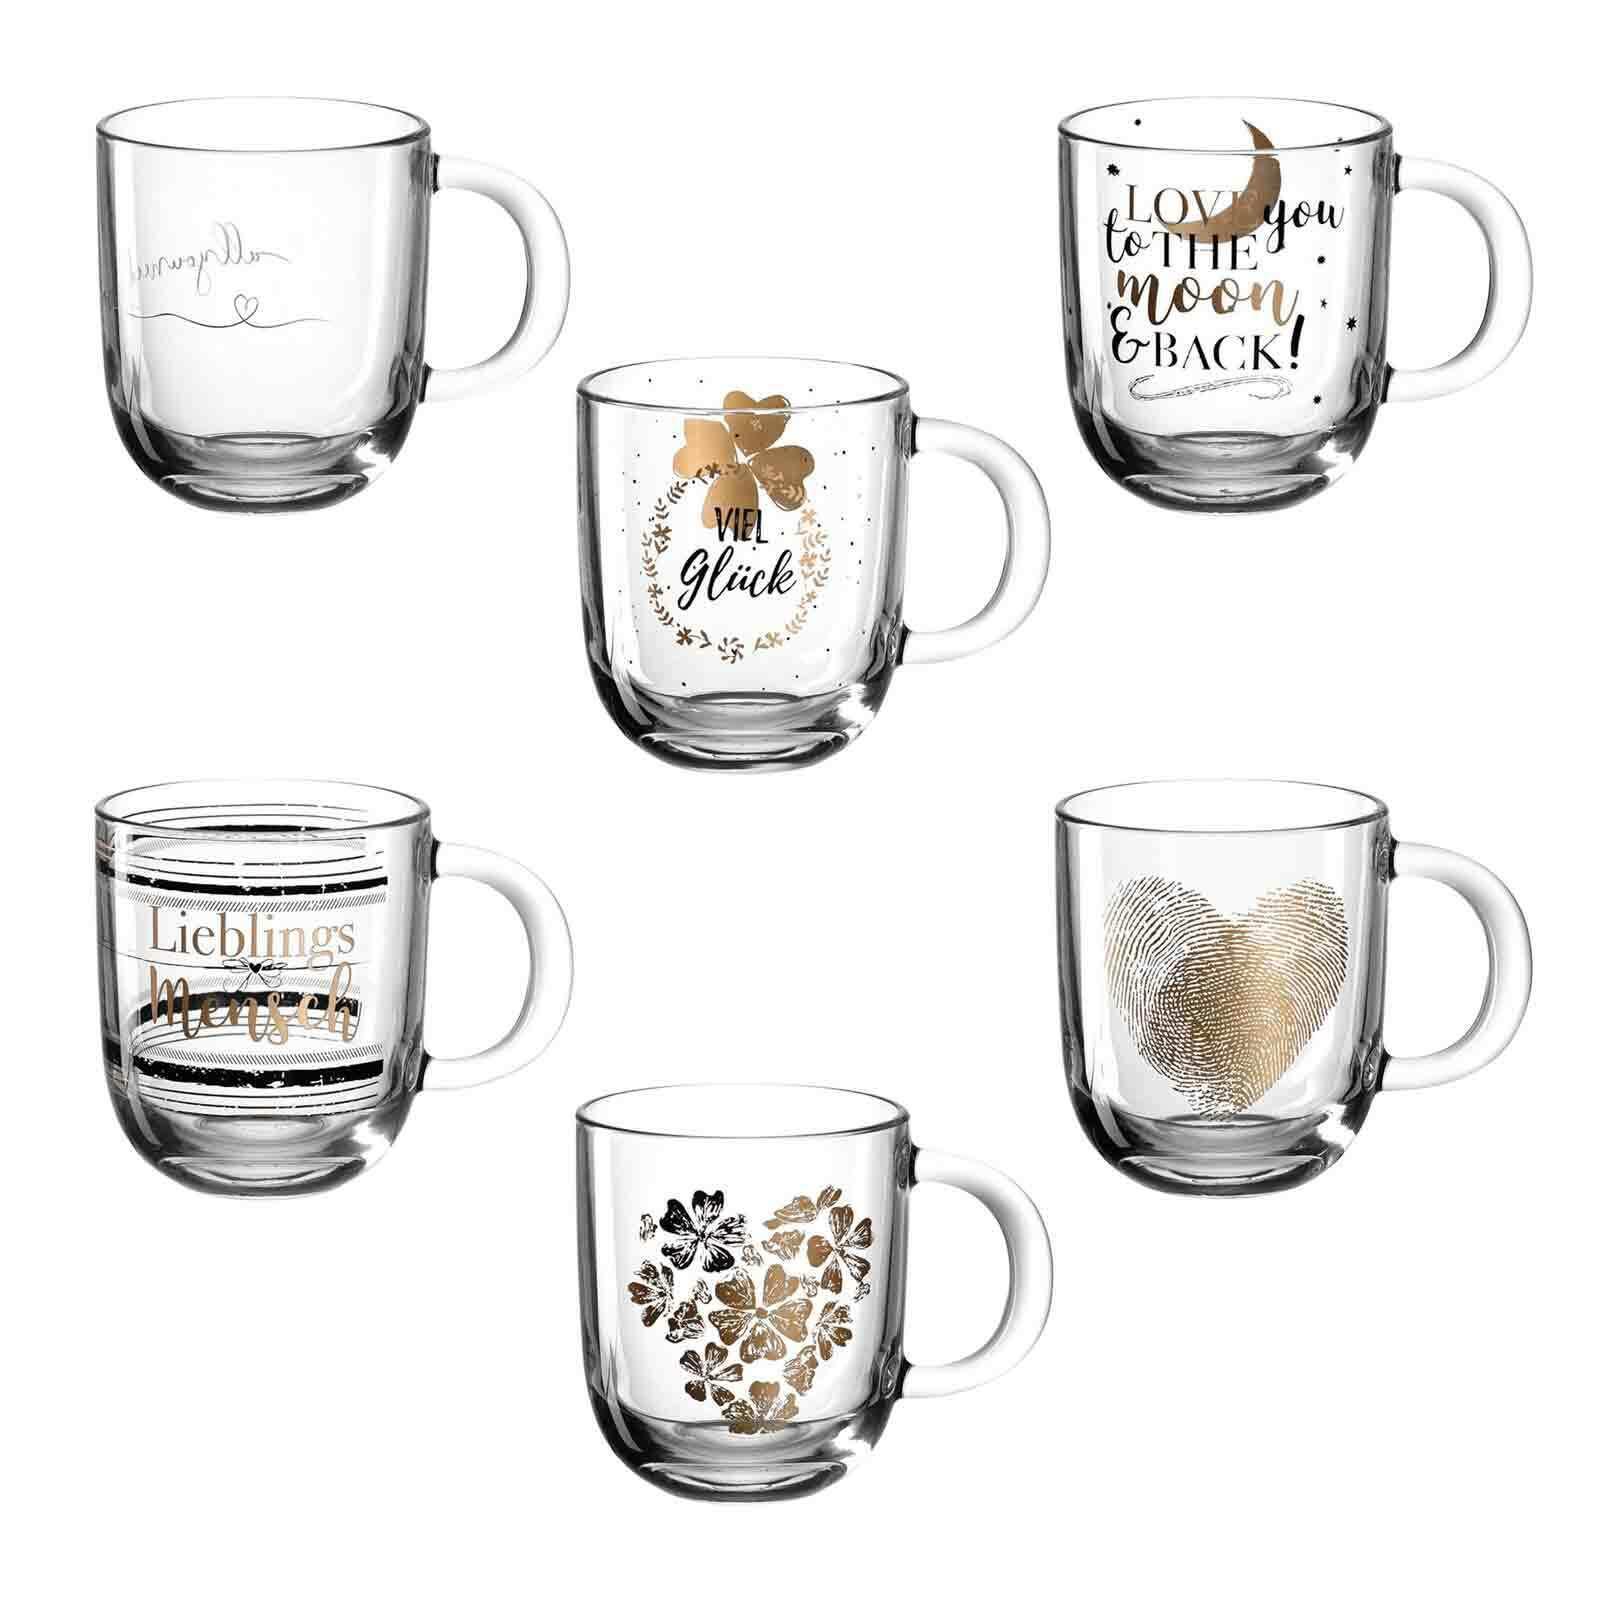 Leonardo EMOZIONE Glas Tasse Becher für Tee Kaffee 0,3l Geschenkidee